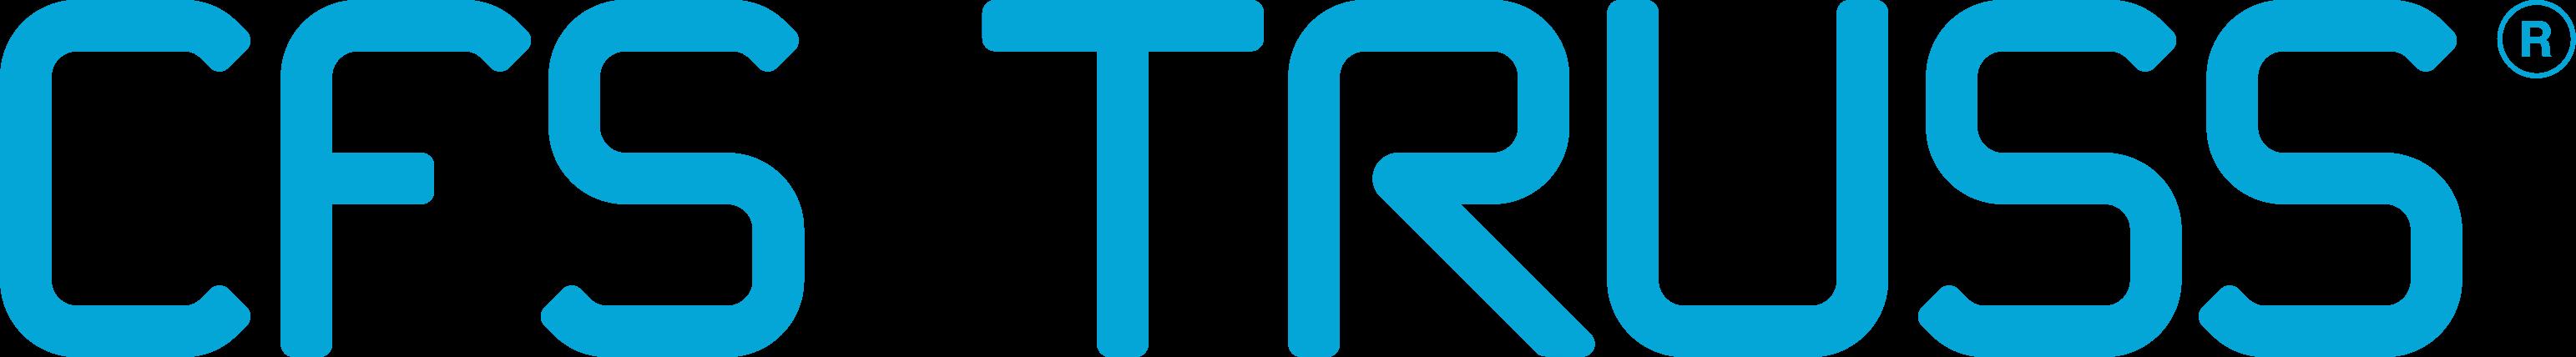 Logo CFS TRUSS